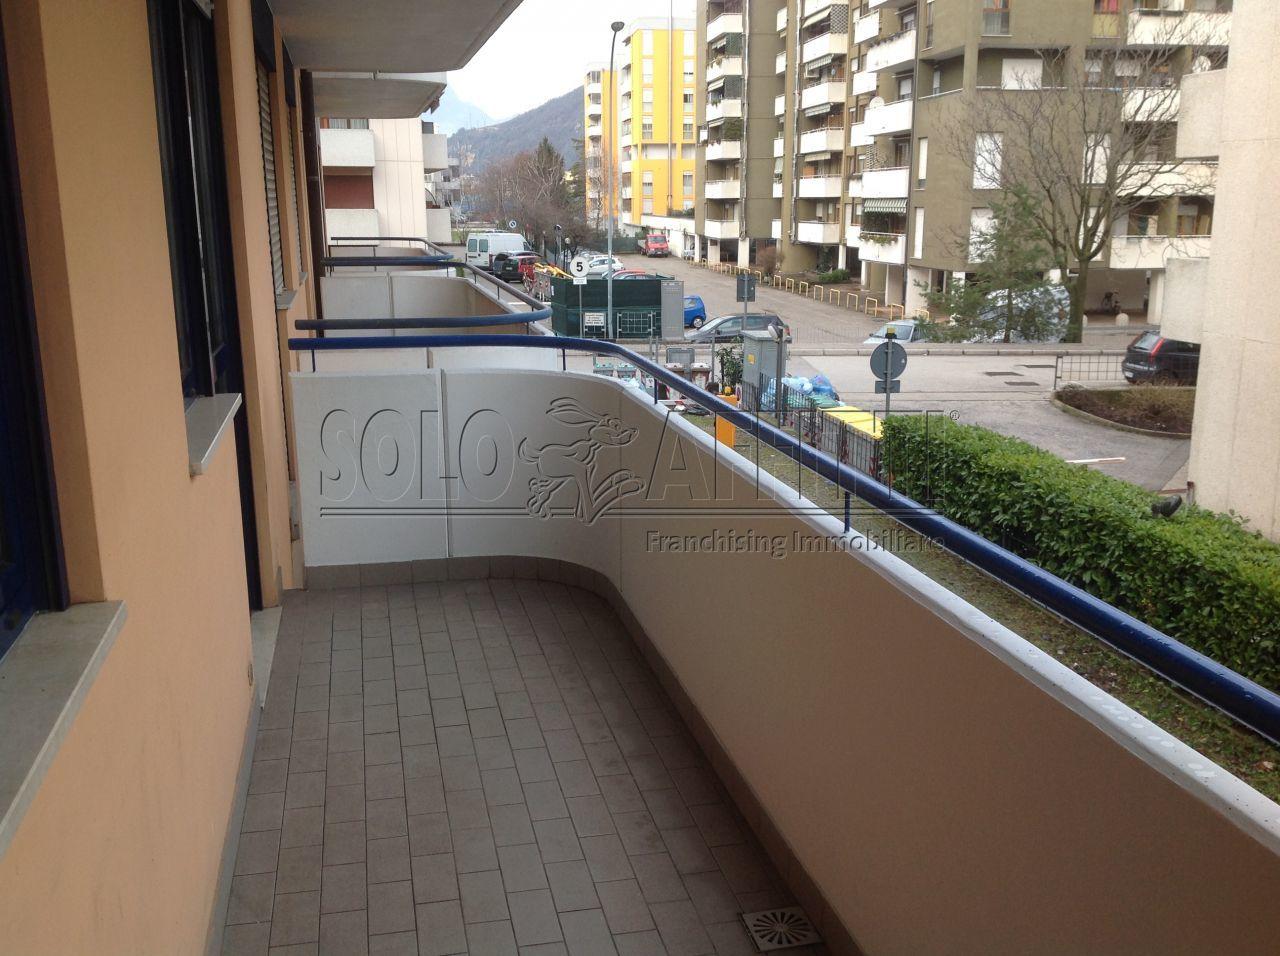 Bilocale Trento Via Guardini 24 1